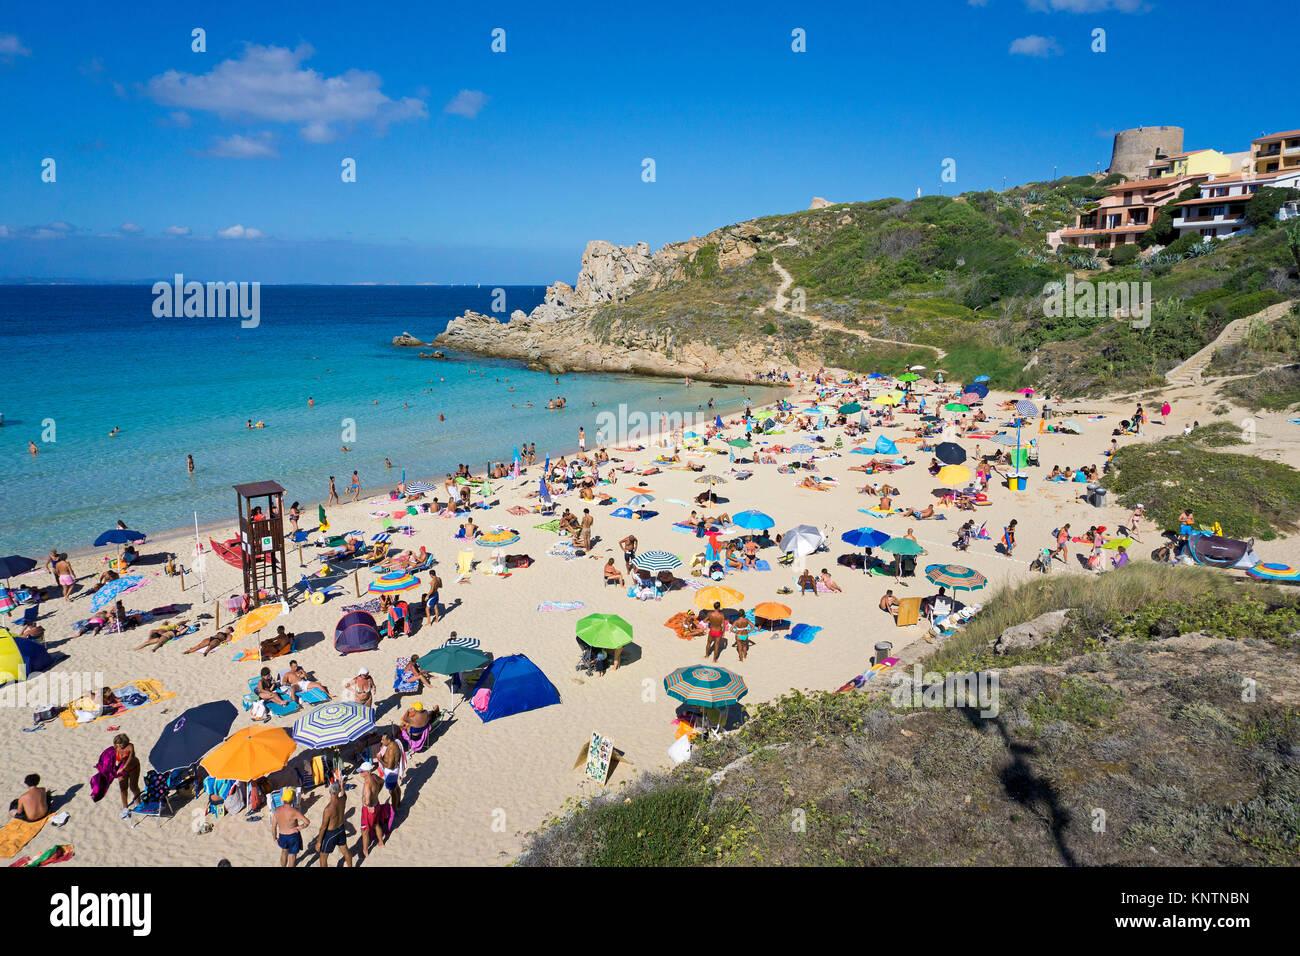 Playa de Rena Bianca beach, Santa Teresa di Gallura, Cerdeña, Italia, el mar Mediterráneo, Europa Foto de stock